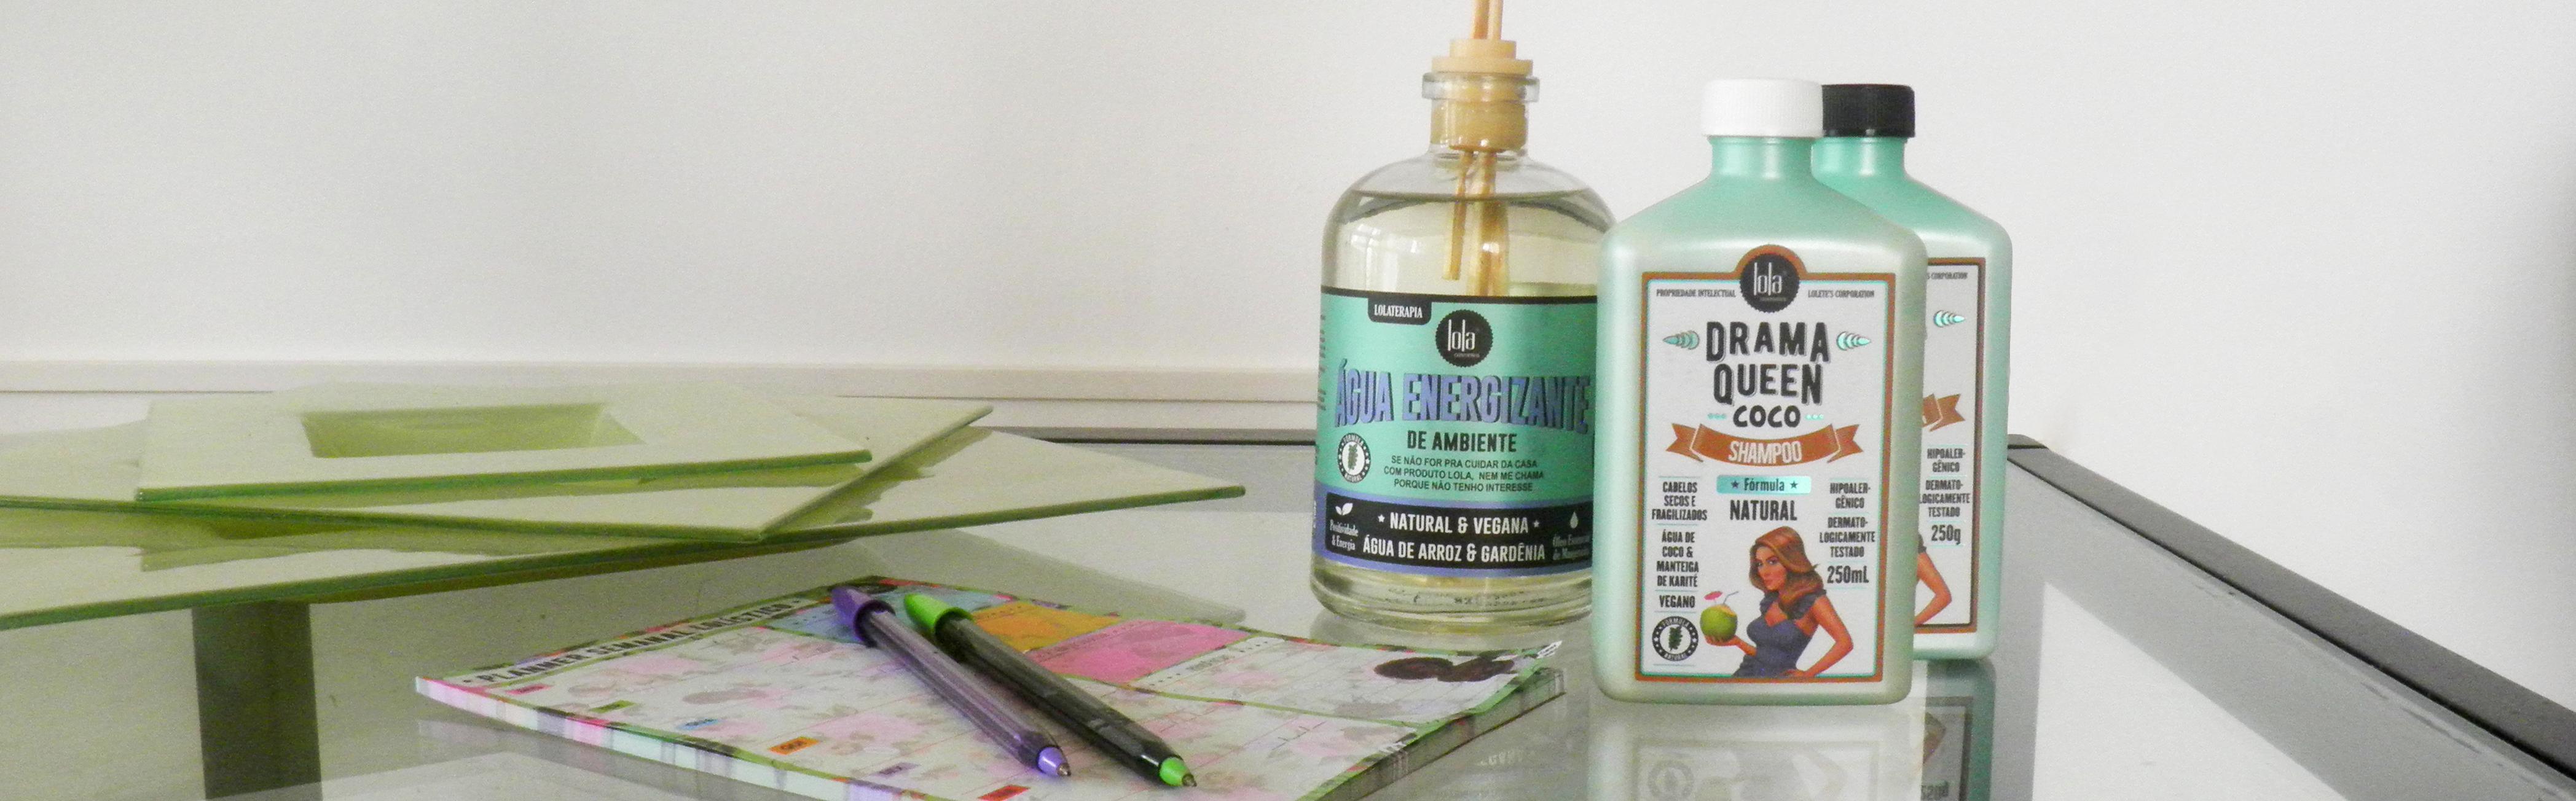 Resenha Shampoo Drama Queen Coco - Ingredientes e Composição (Água de coco, Óleo de coco e Extrato de Coco)